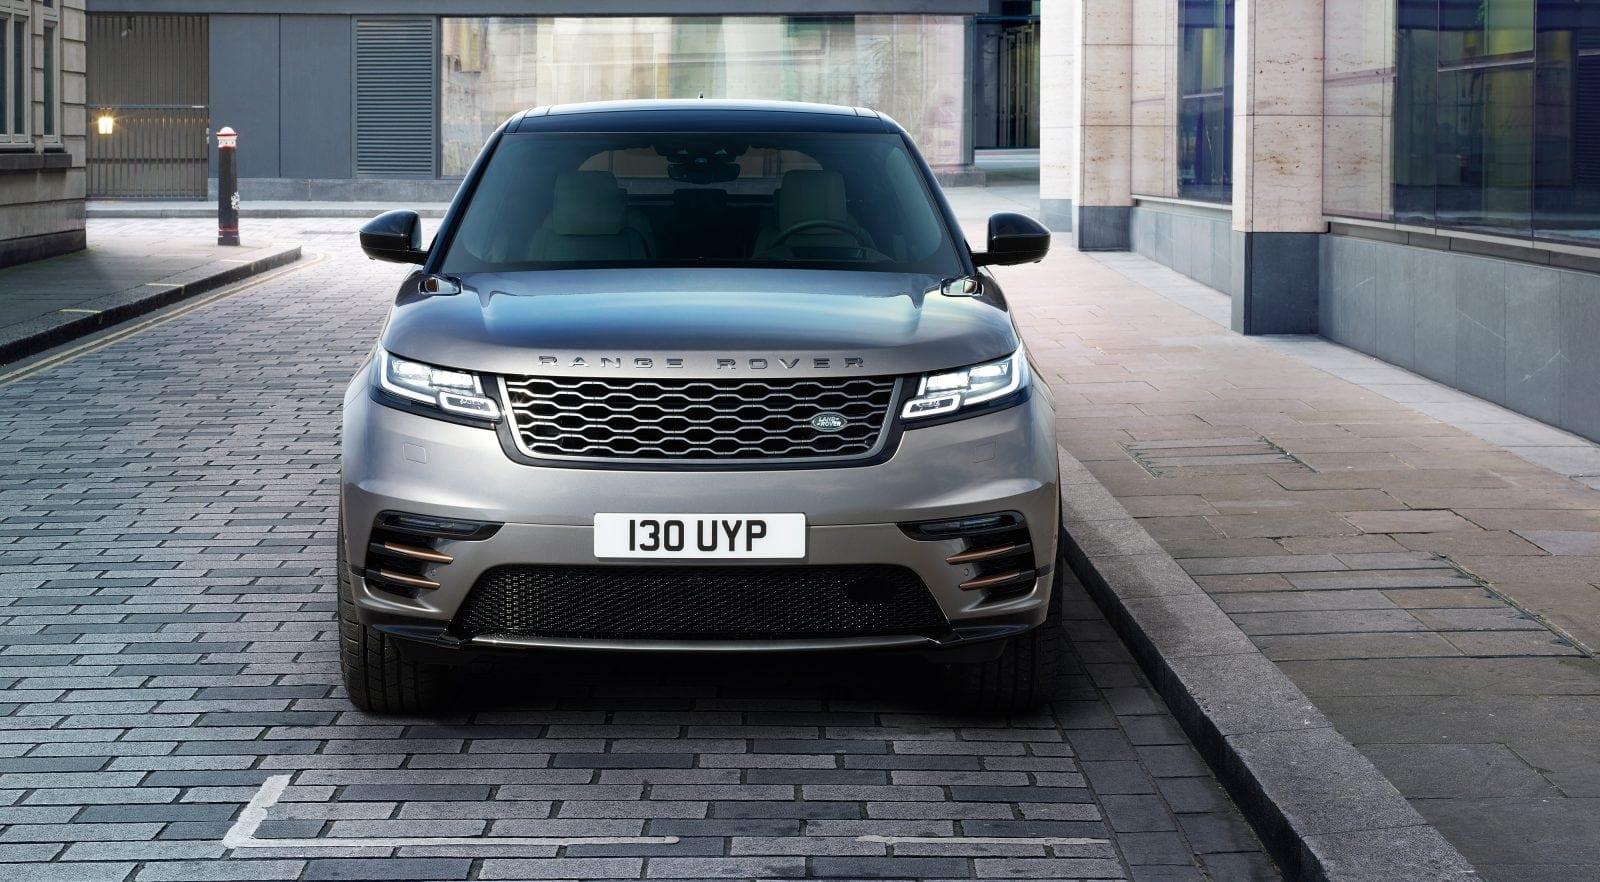 Range Rover Velar - Importatorul Premium Auto prezintă în România, în avanpremieră, cel mai nou model Land Rover, Range Rover Velar